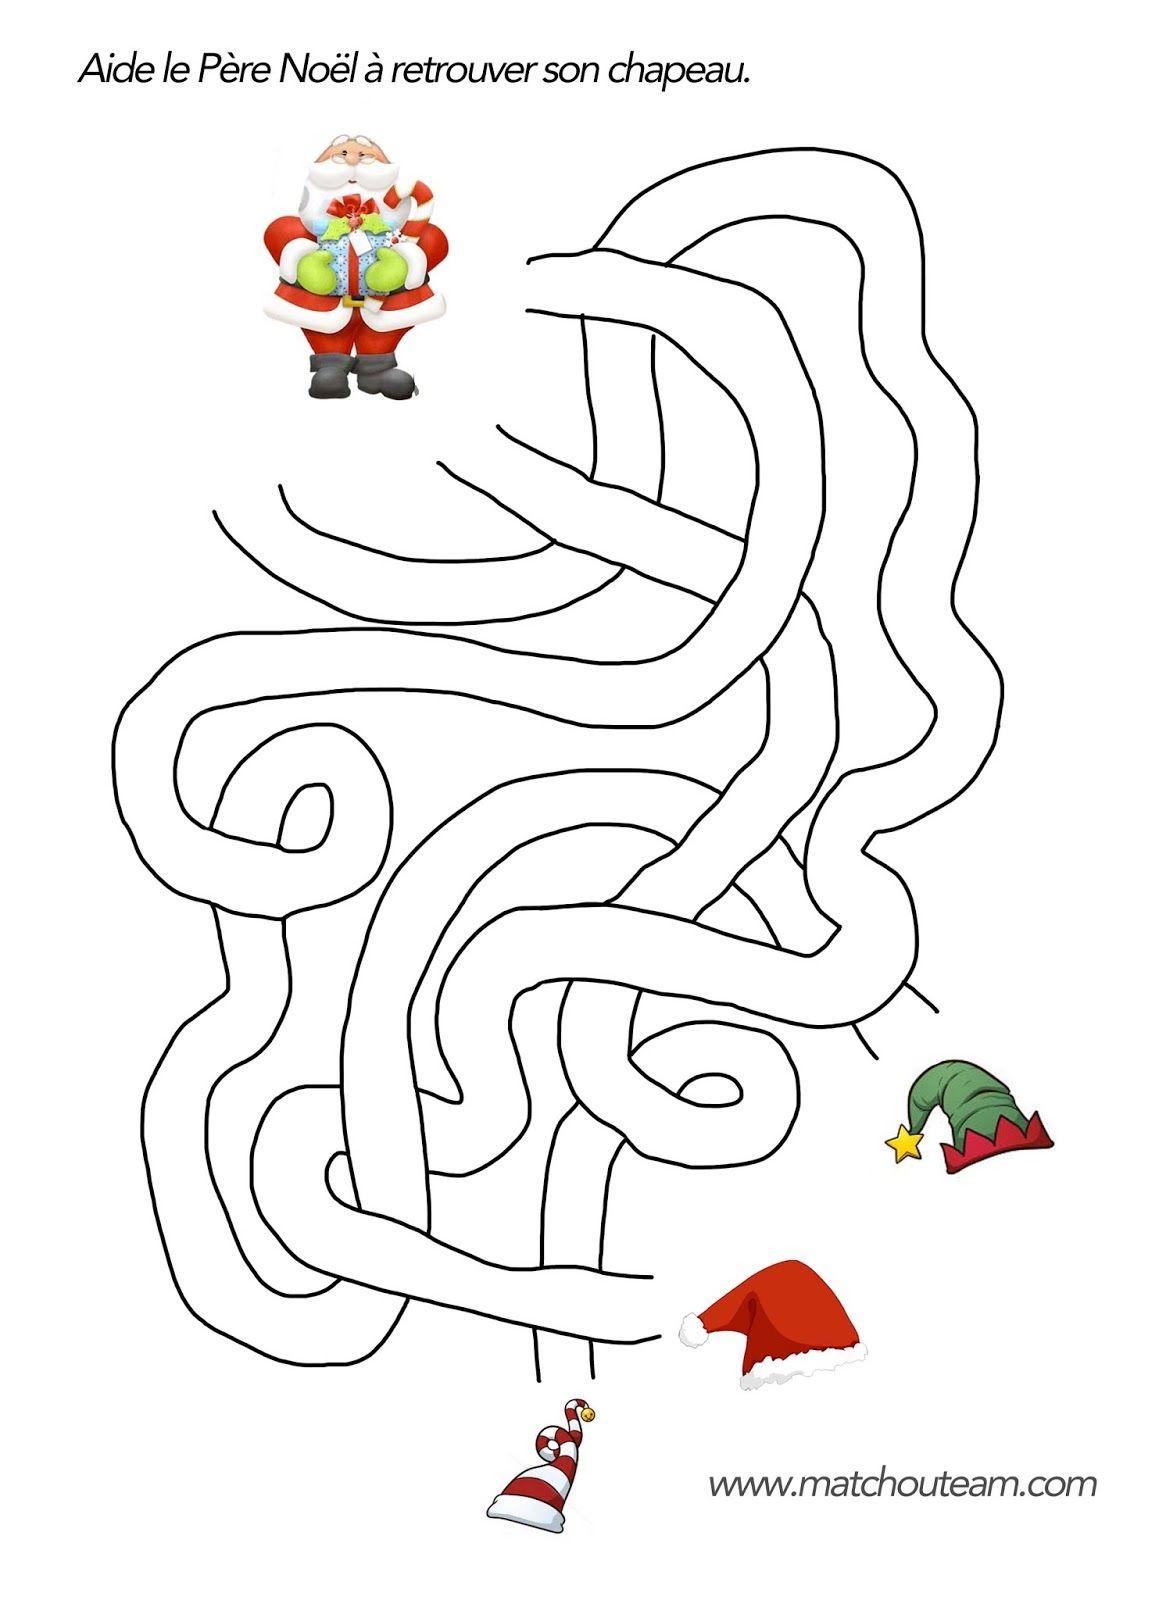 Coloriages et jeux pour Noël | Jeux noel, Coloriage noel